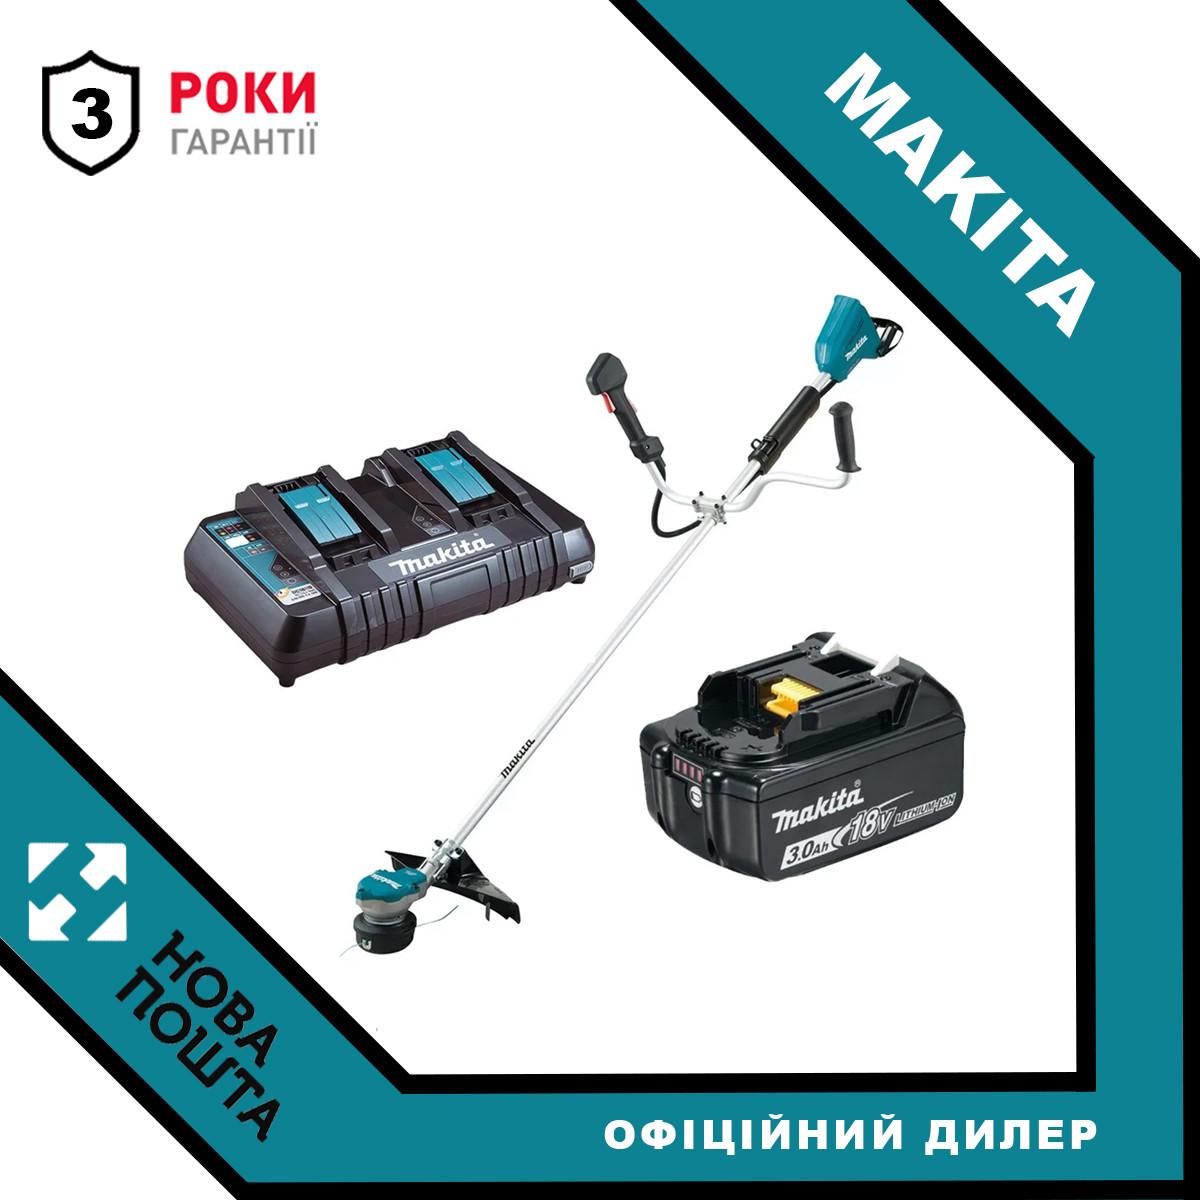 Акумуляторний тріммер MAKITA DUR368AZ + Швидкозарядний пристрій і Акумулятор 18В LXT 3 Аг